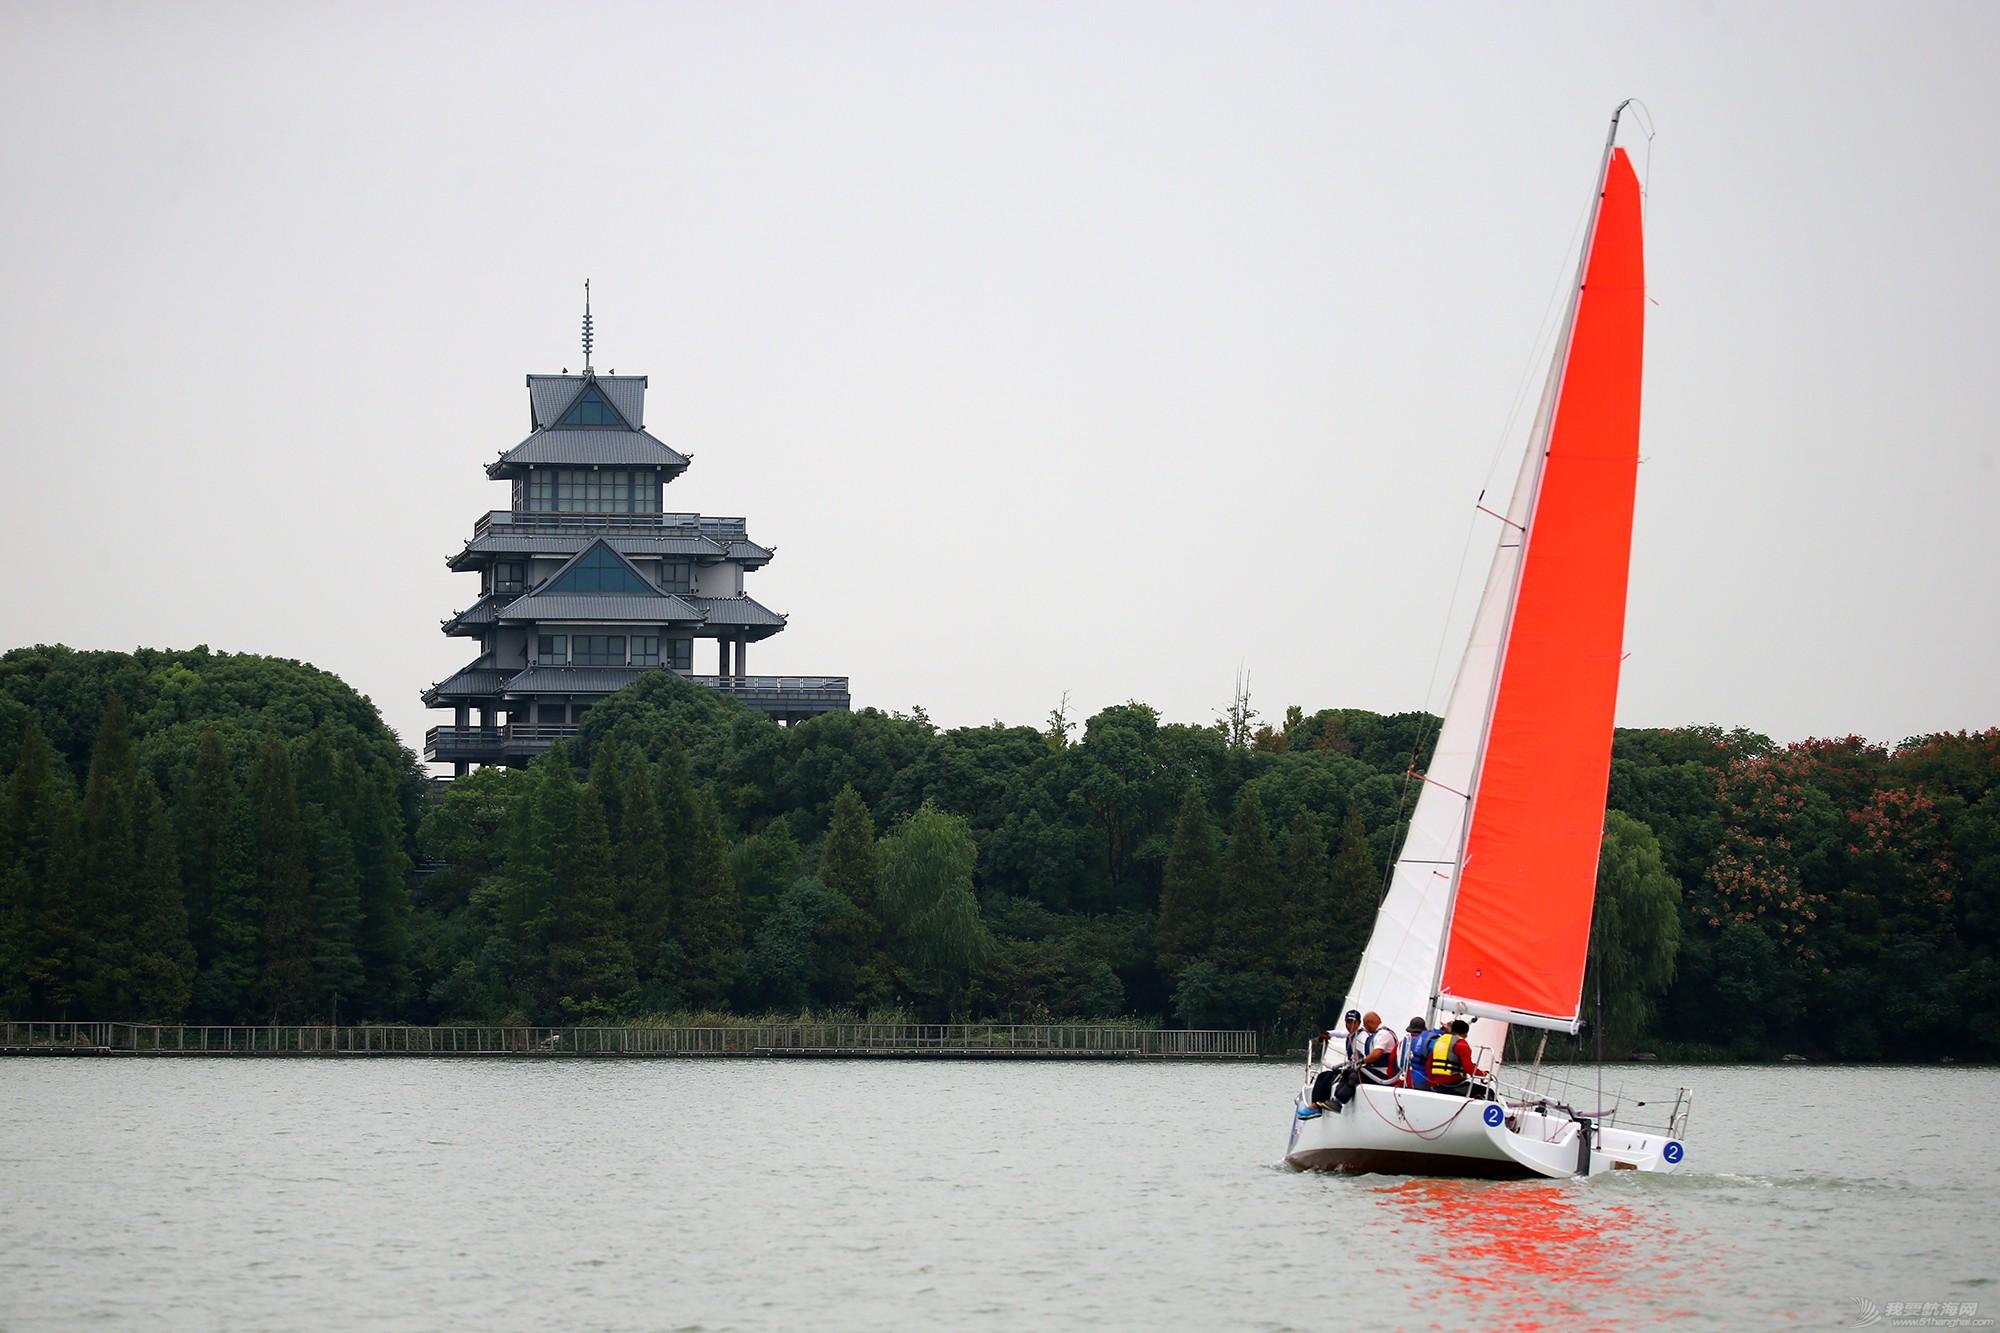 帆船,空间 帆船是灰度空间里跳动的彩色音符 E78W9281.JPG